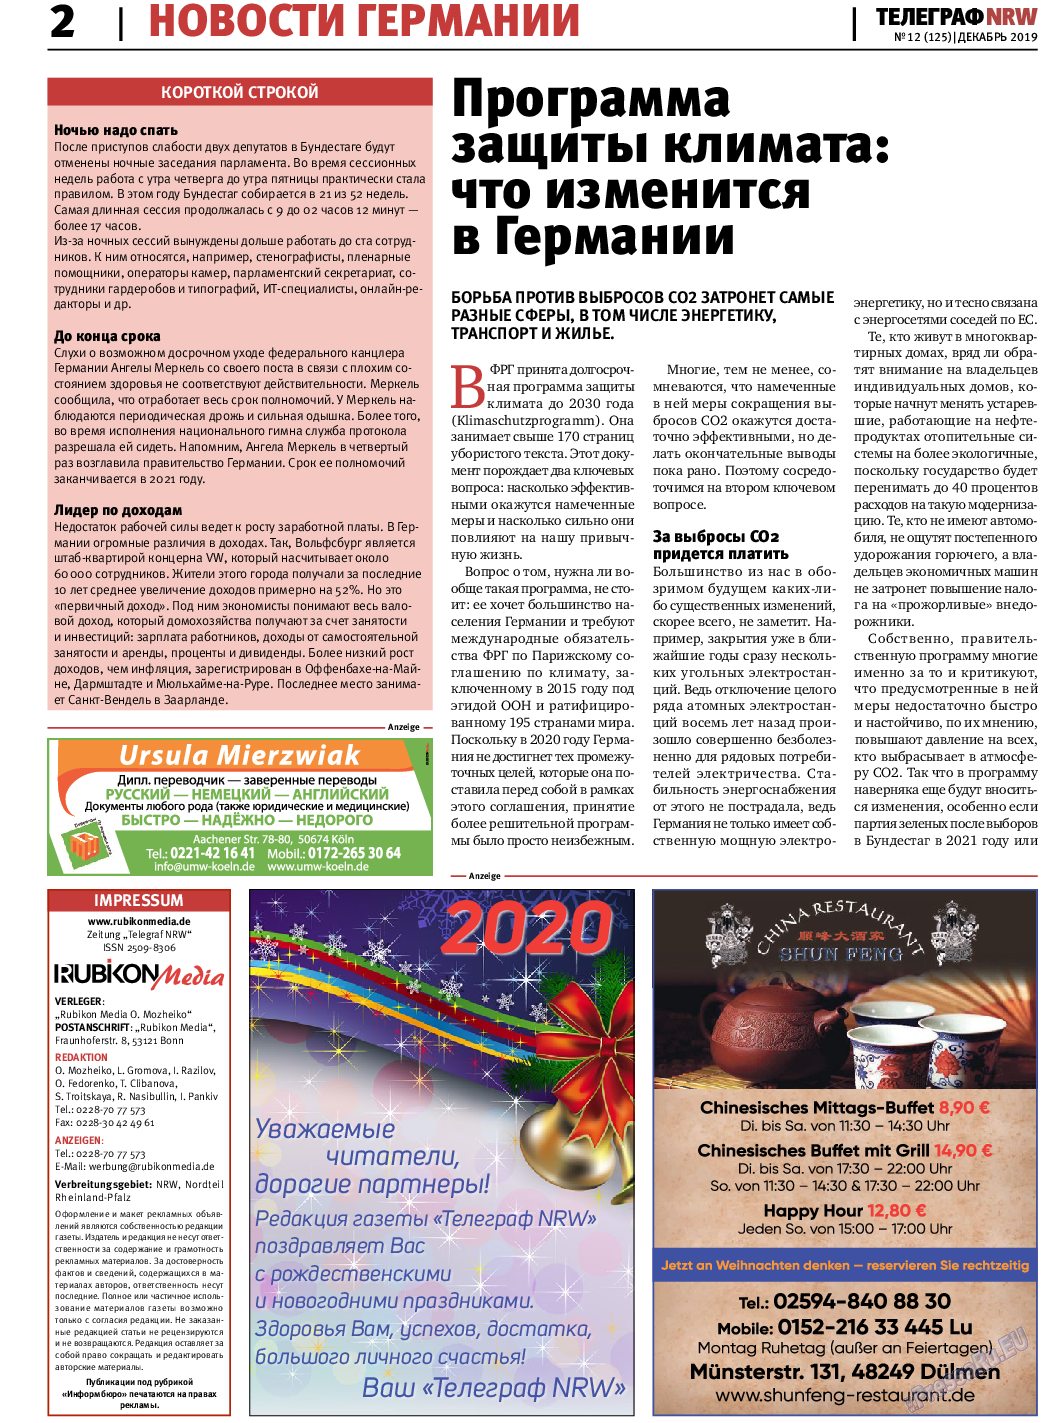 Телеграф NRW (газета). 2019 год, номер 12, стр. 2